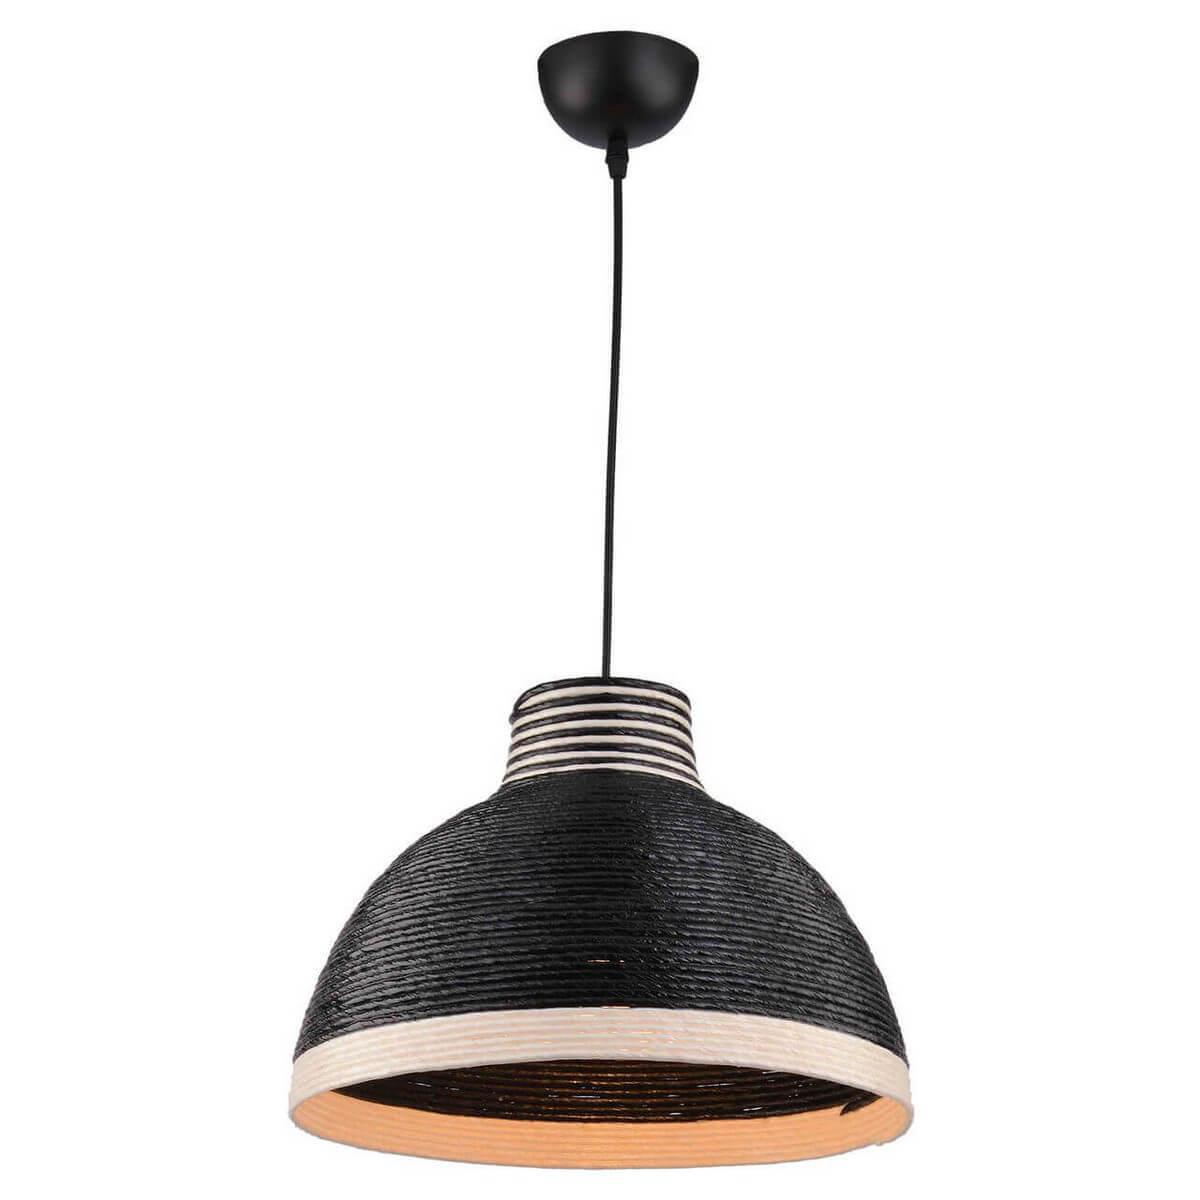 Подвесной светильник Lussole Lgo GRLSP-8038 подвесной светильник lussole grlsp 9654 красный